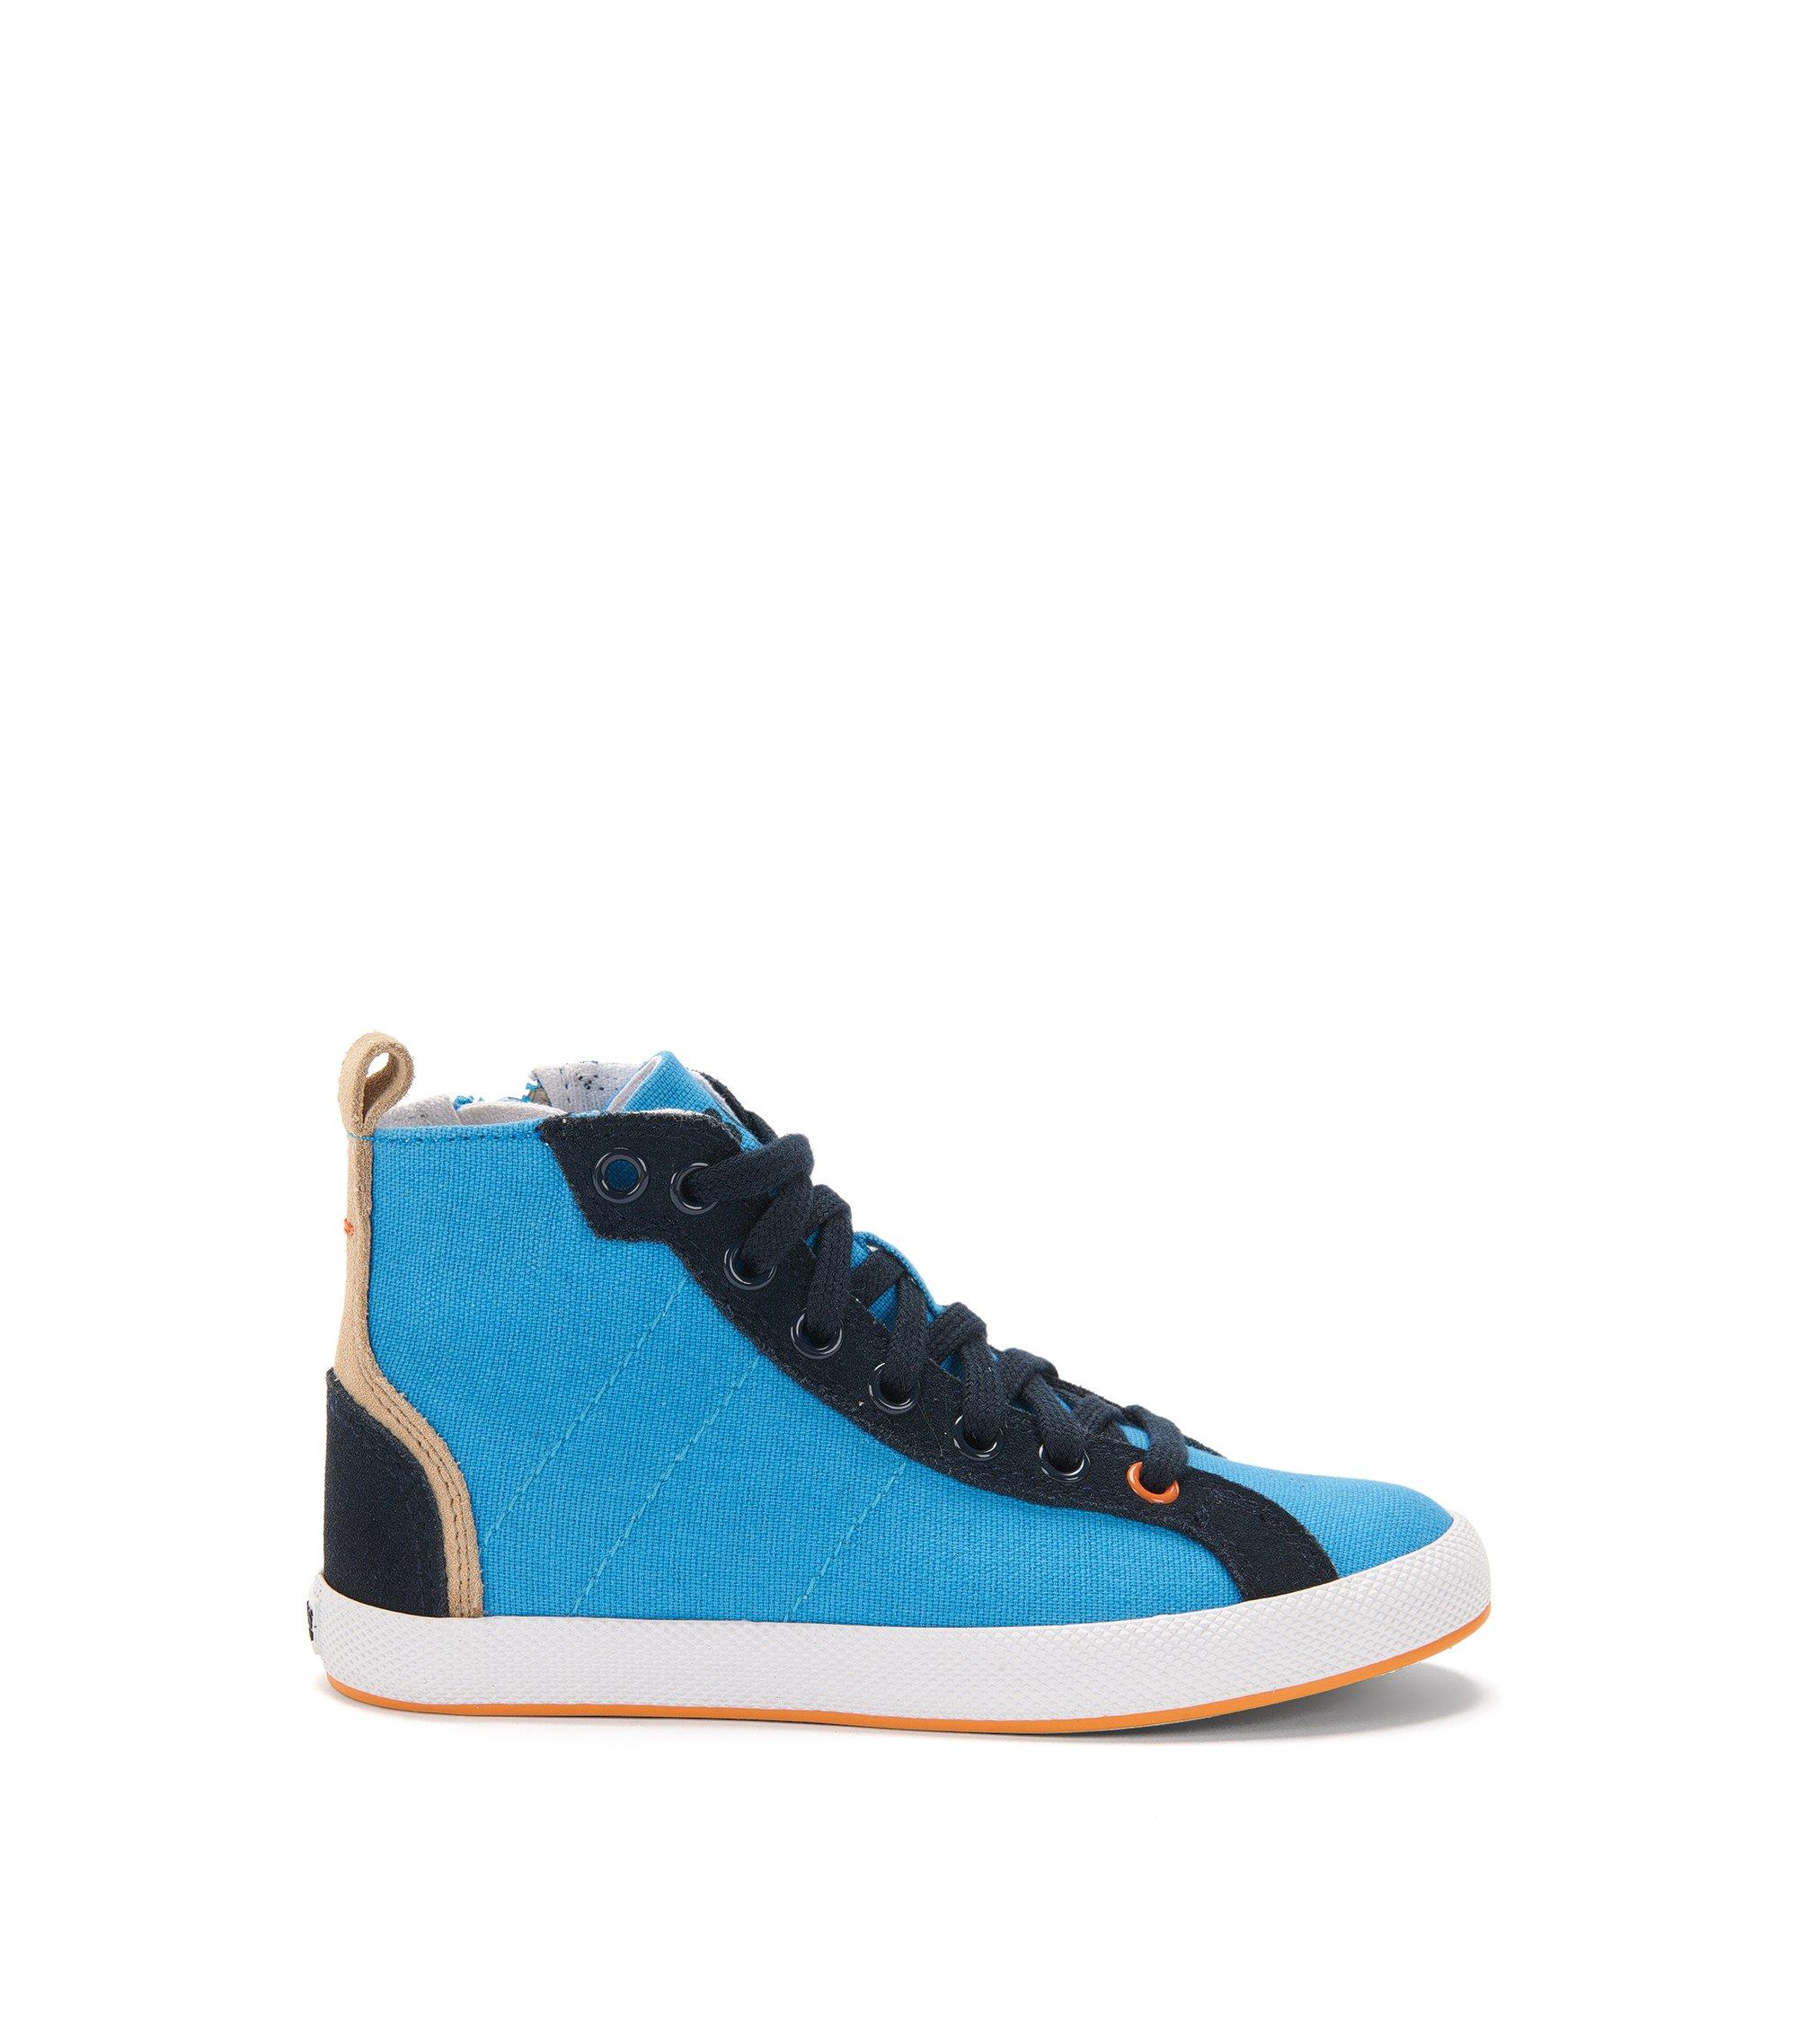 Knöchelhohe Kids-Sneakers aus Canvas mit Lederbesatz: 'J29112', Türkis